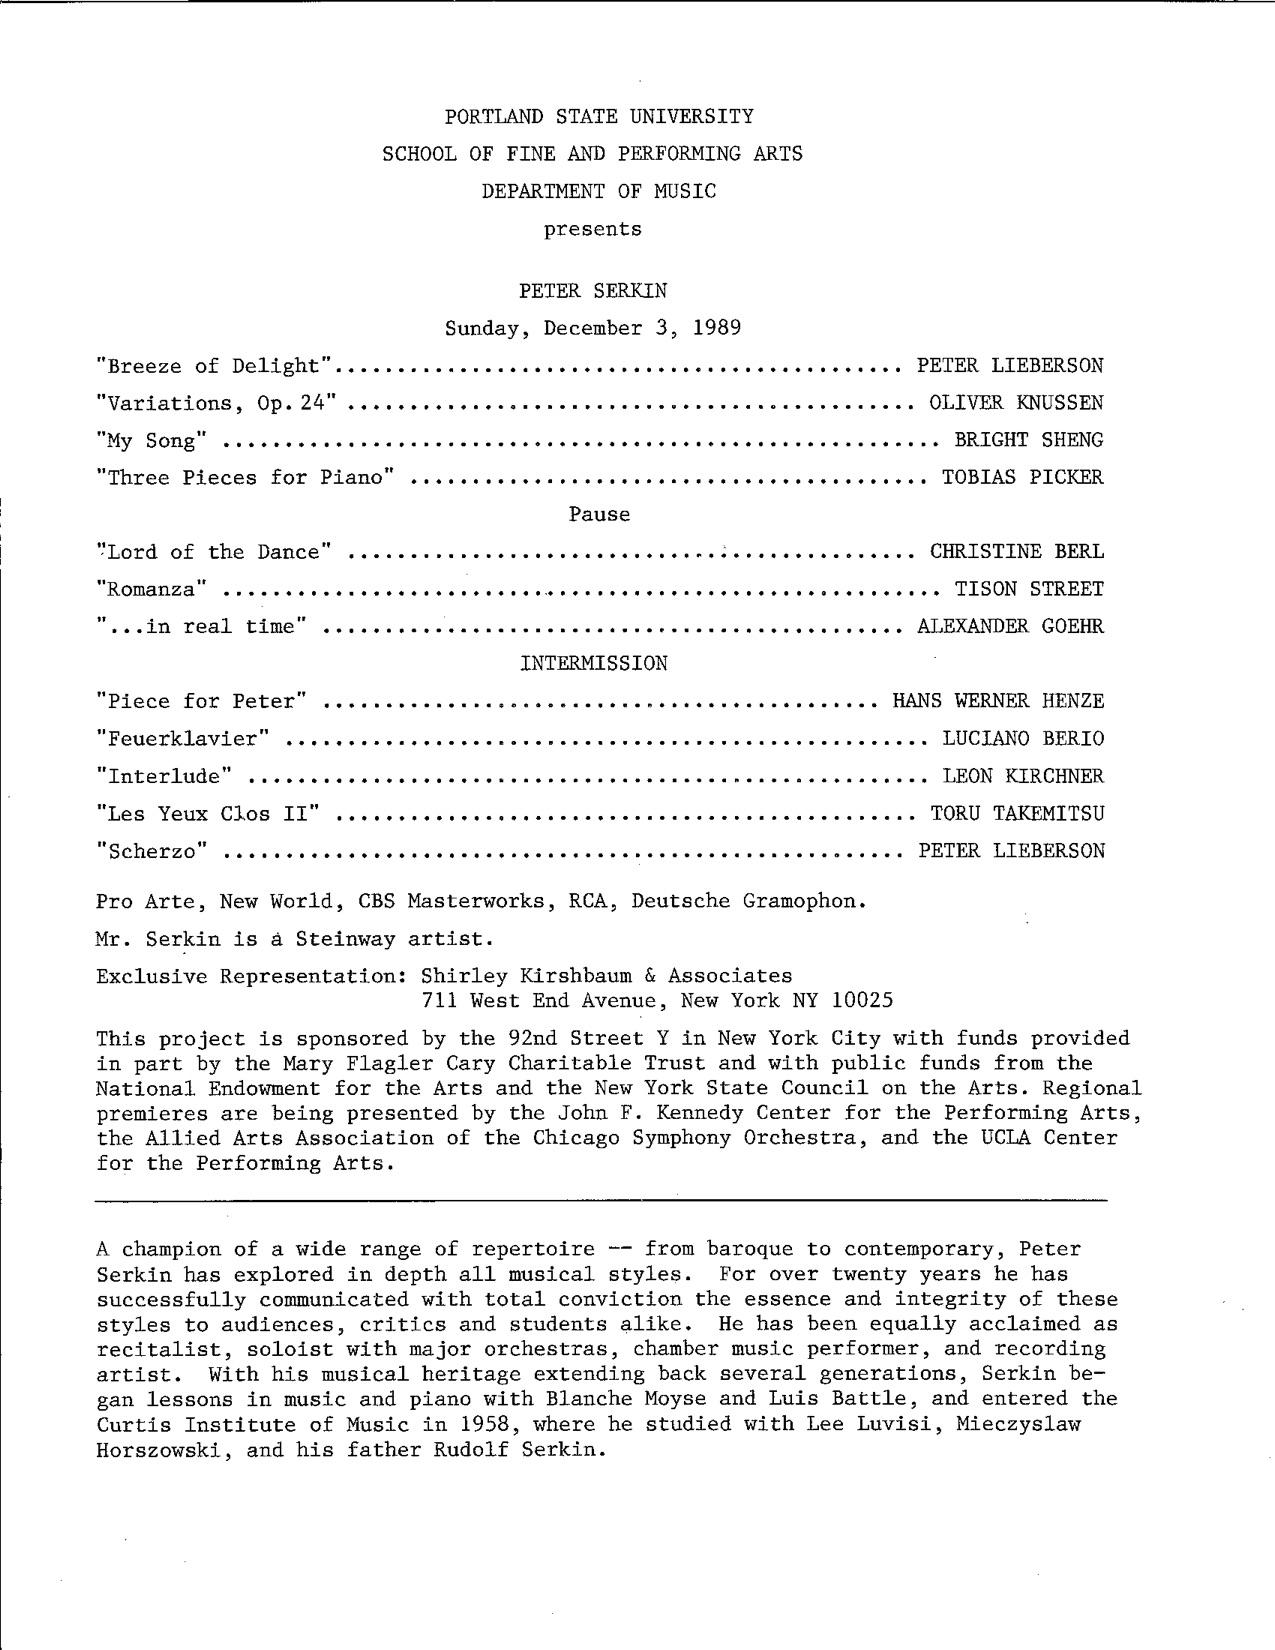 Serkin89-90_Program2.jpg